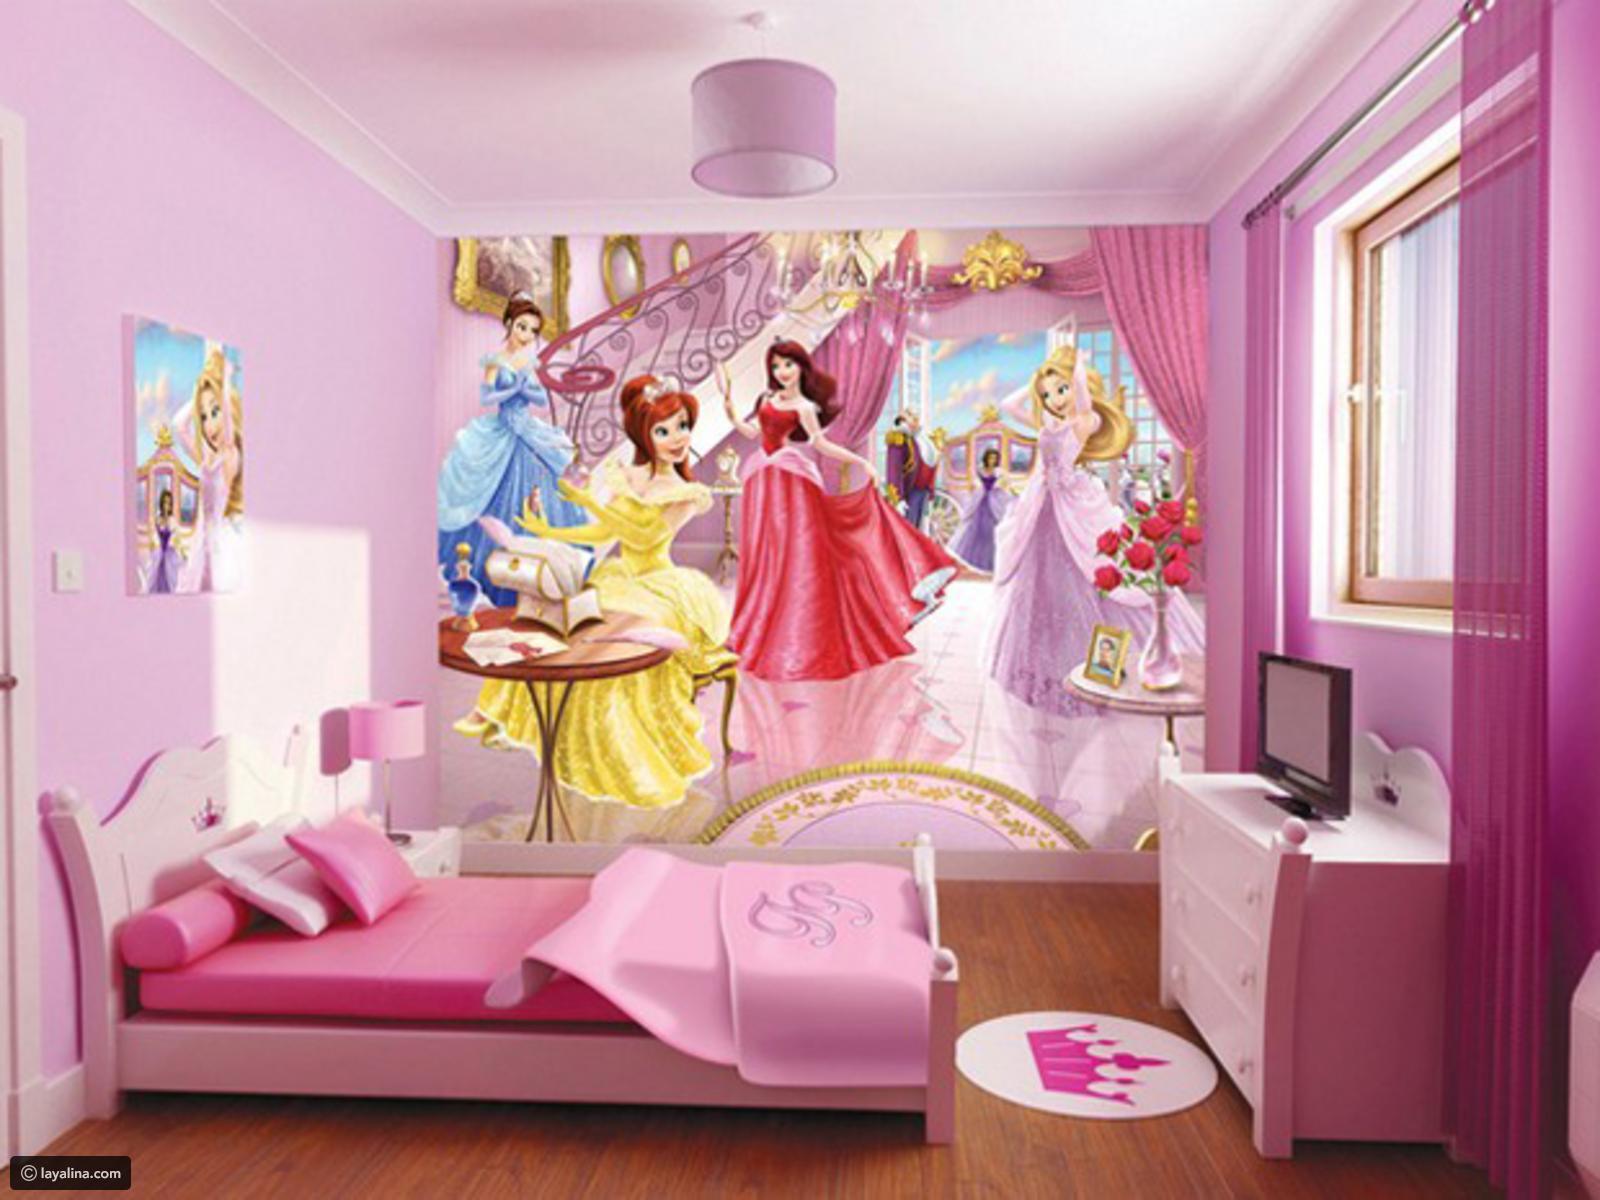 صورة اشكال غرف نوم اطفال , غرف نوم اطفال ولا اروع